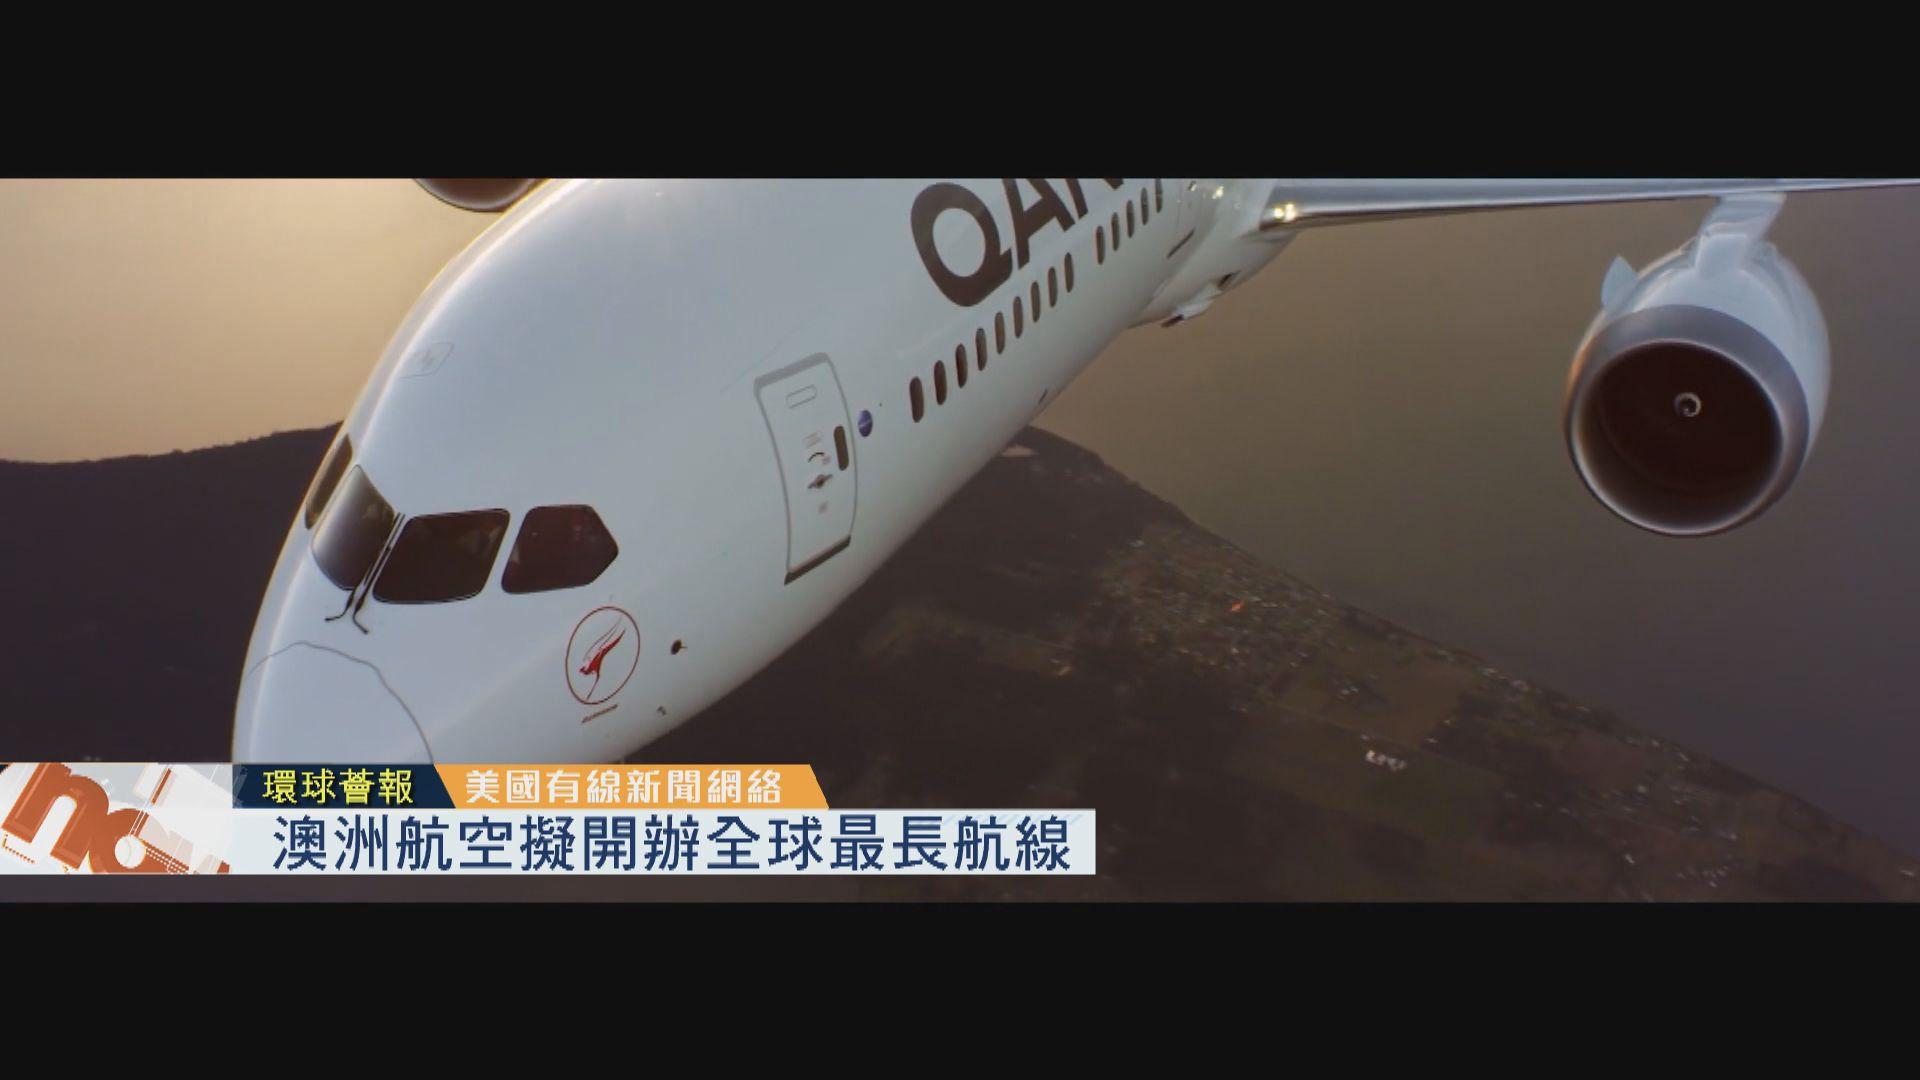 【環球薈報】澳洲航空擬開辦全球最長航線